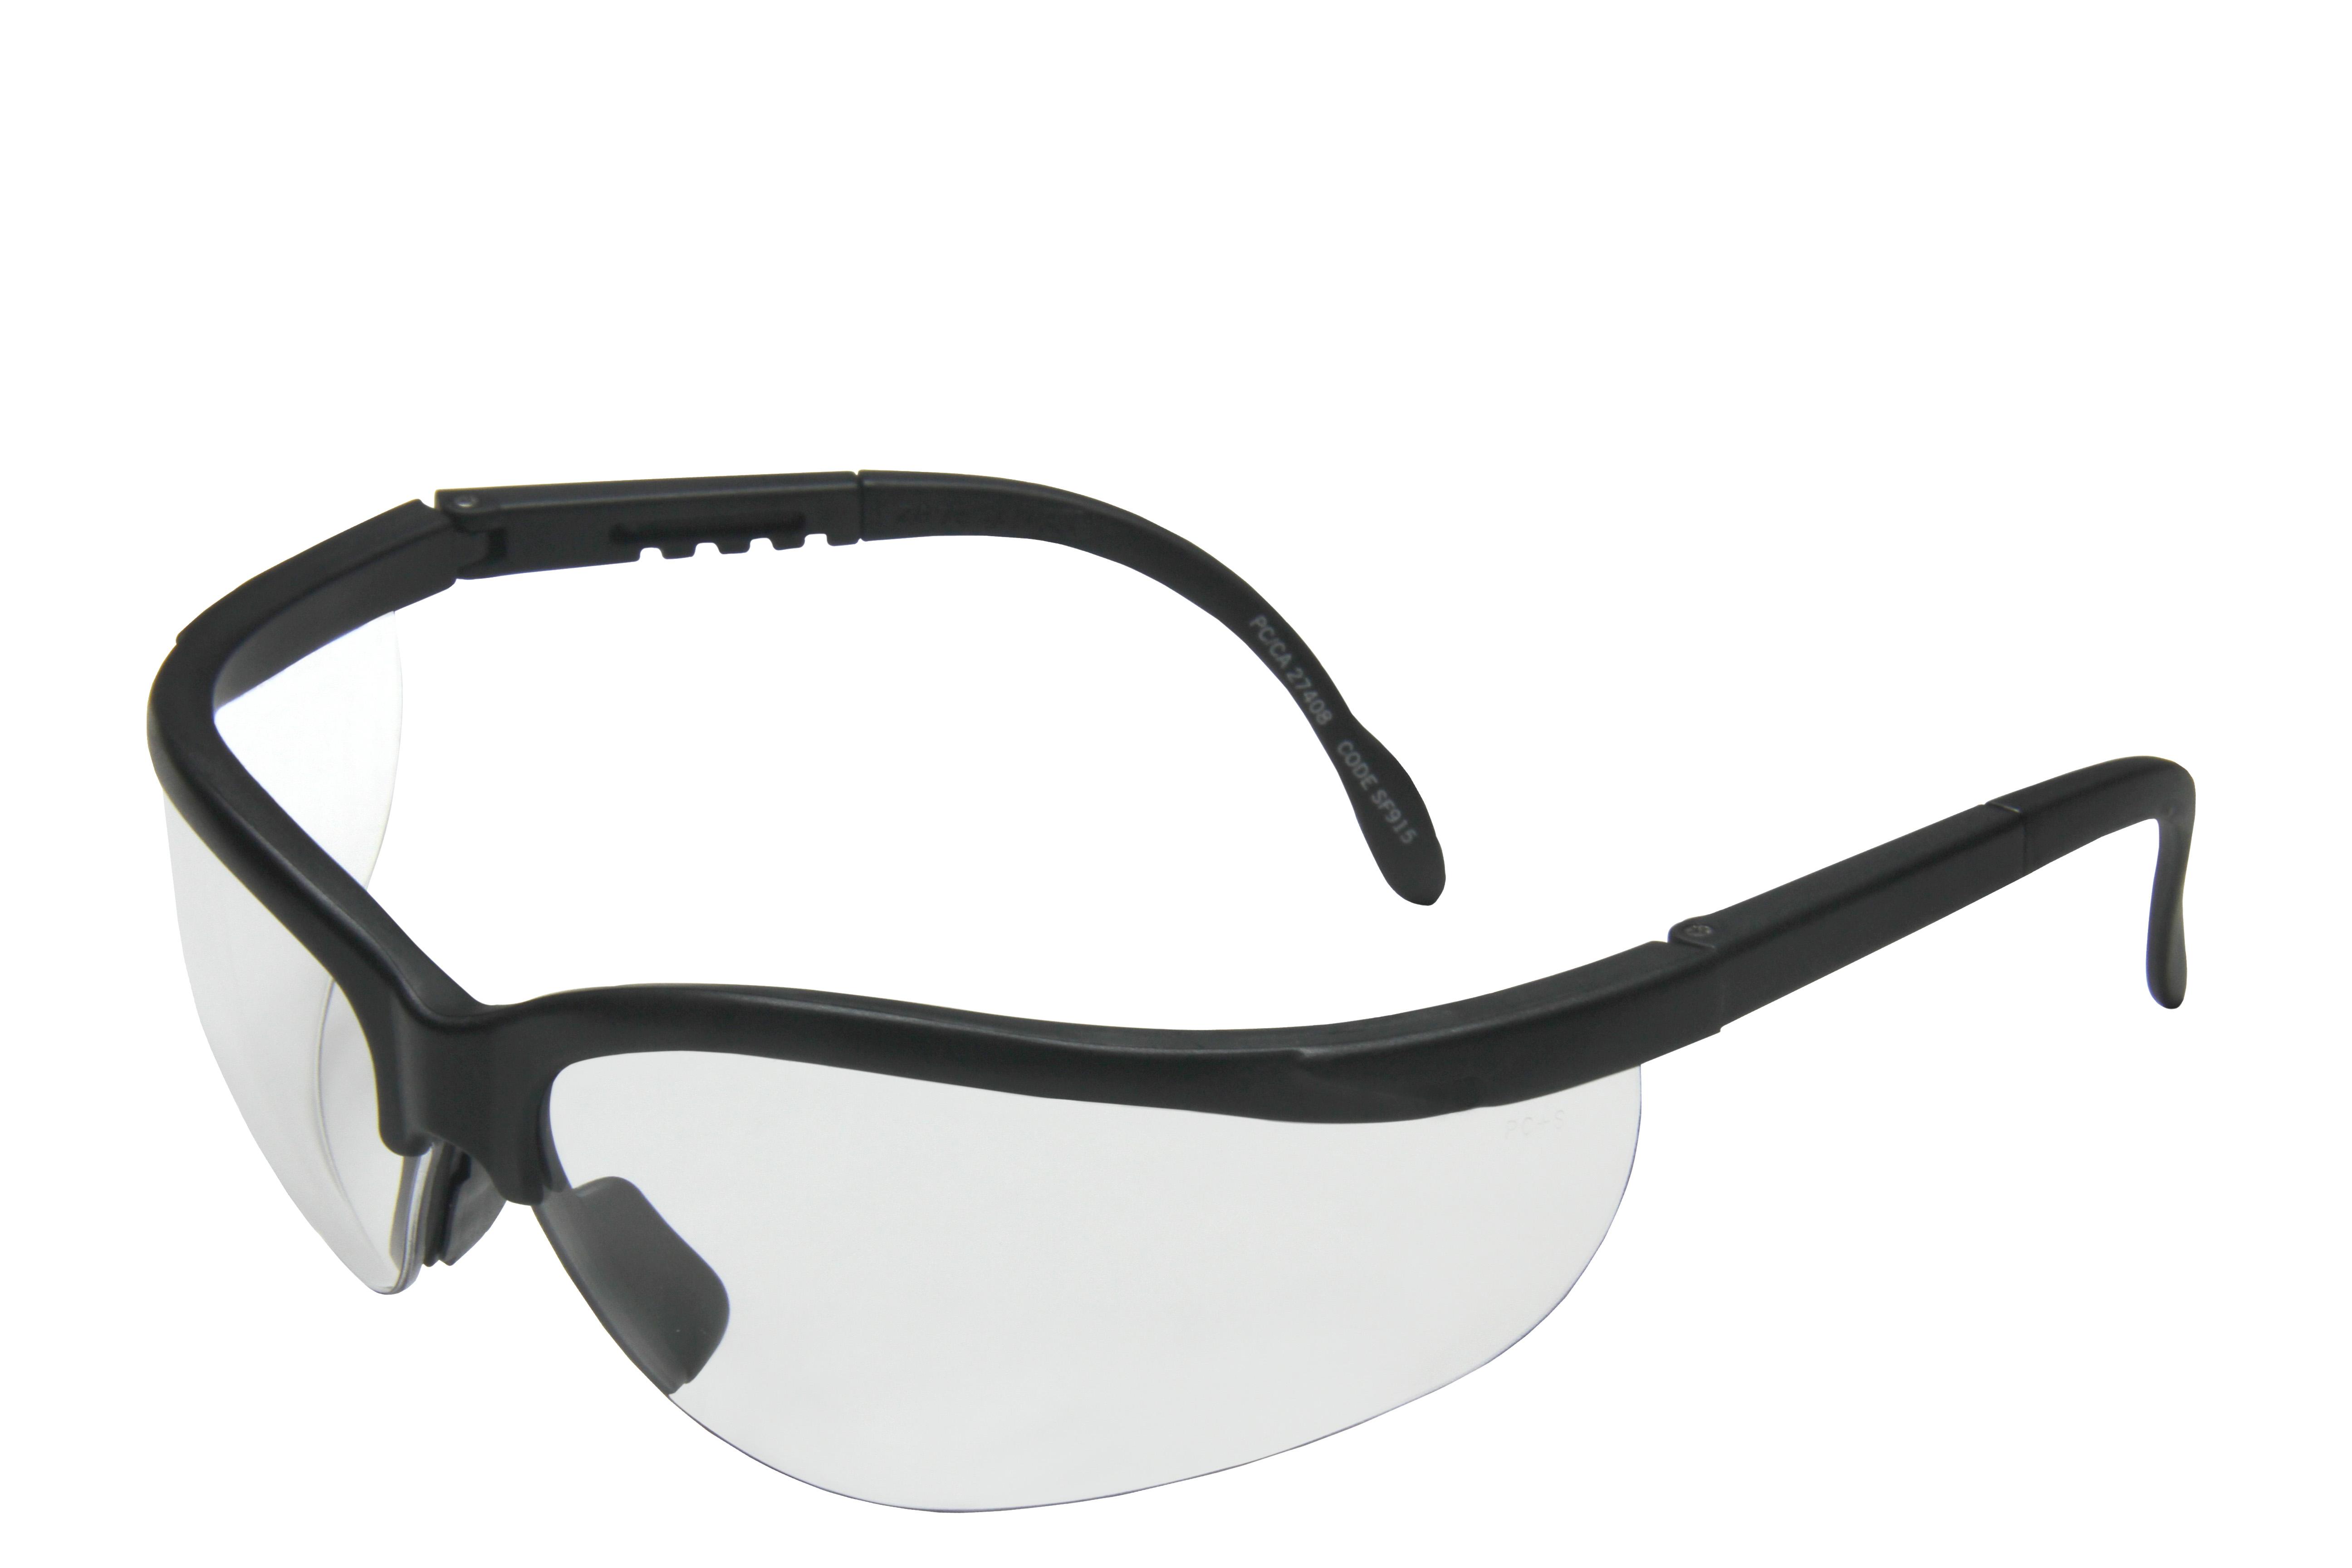 Óculos incolor CAE SF915   PROT-CAP 42e98d242d